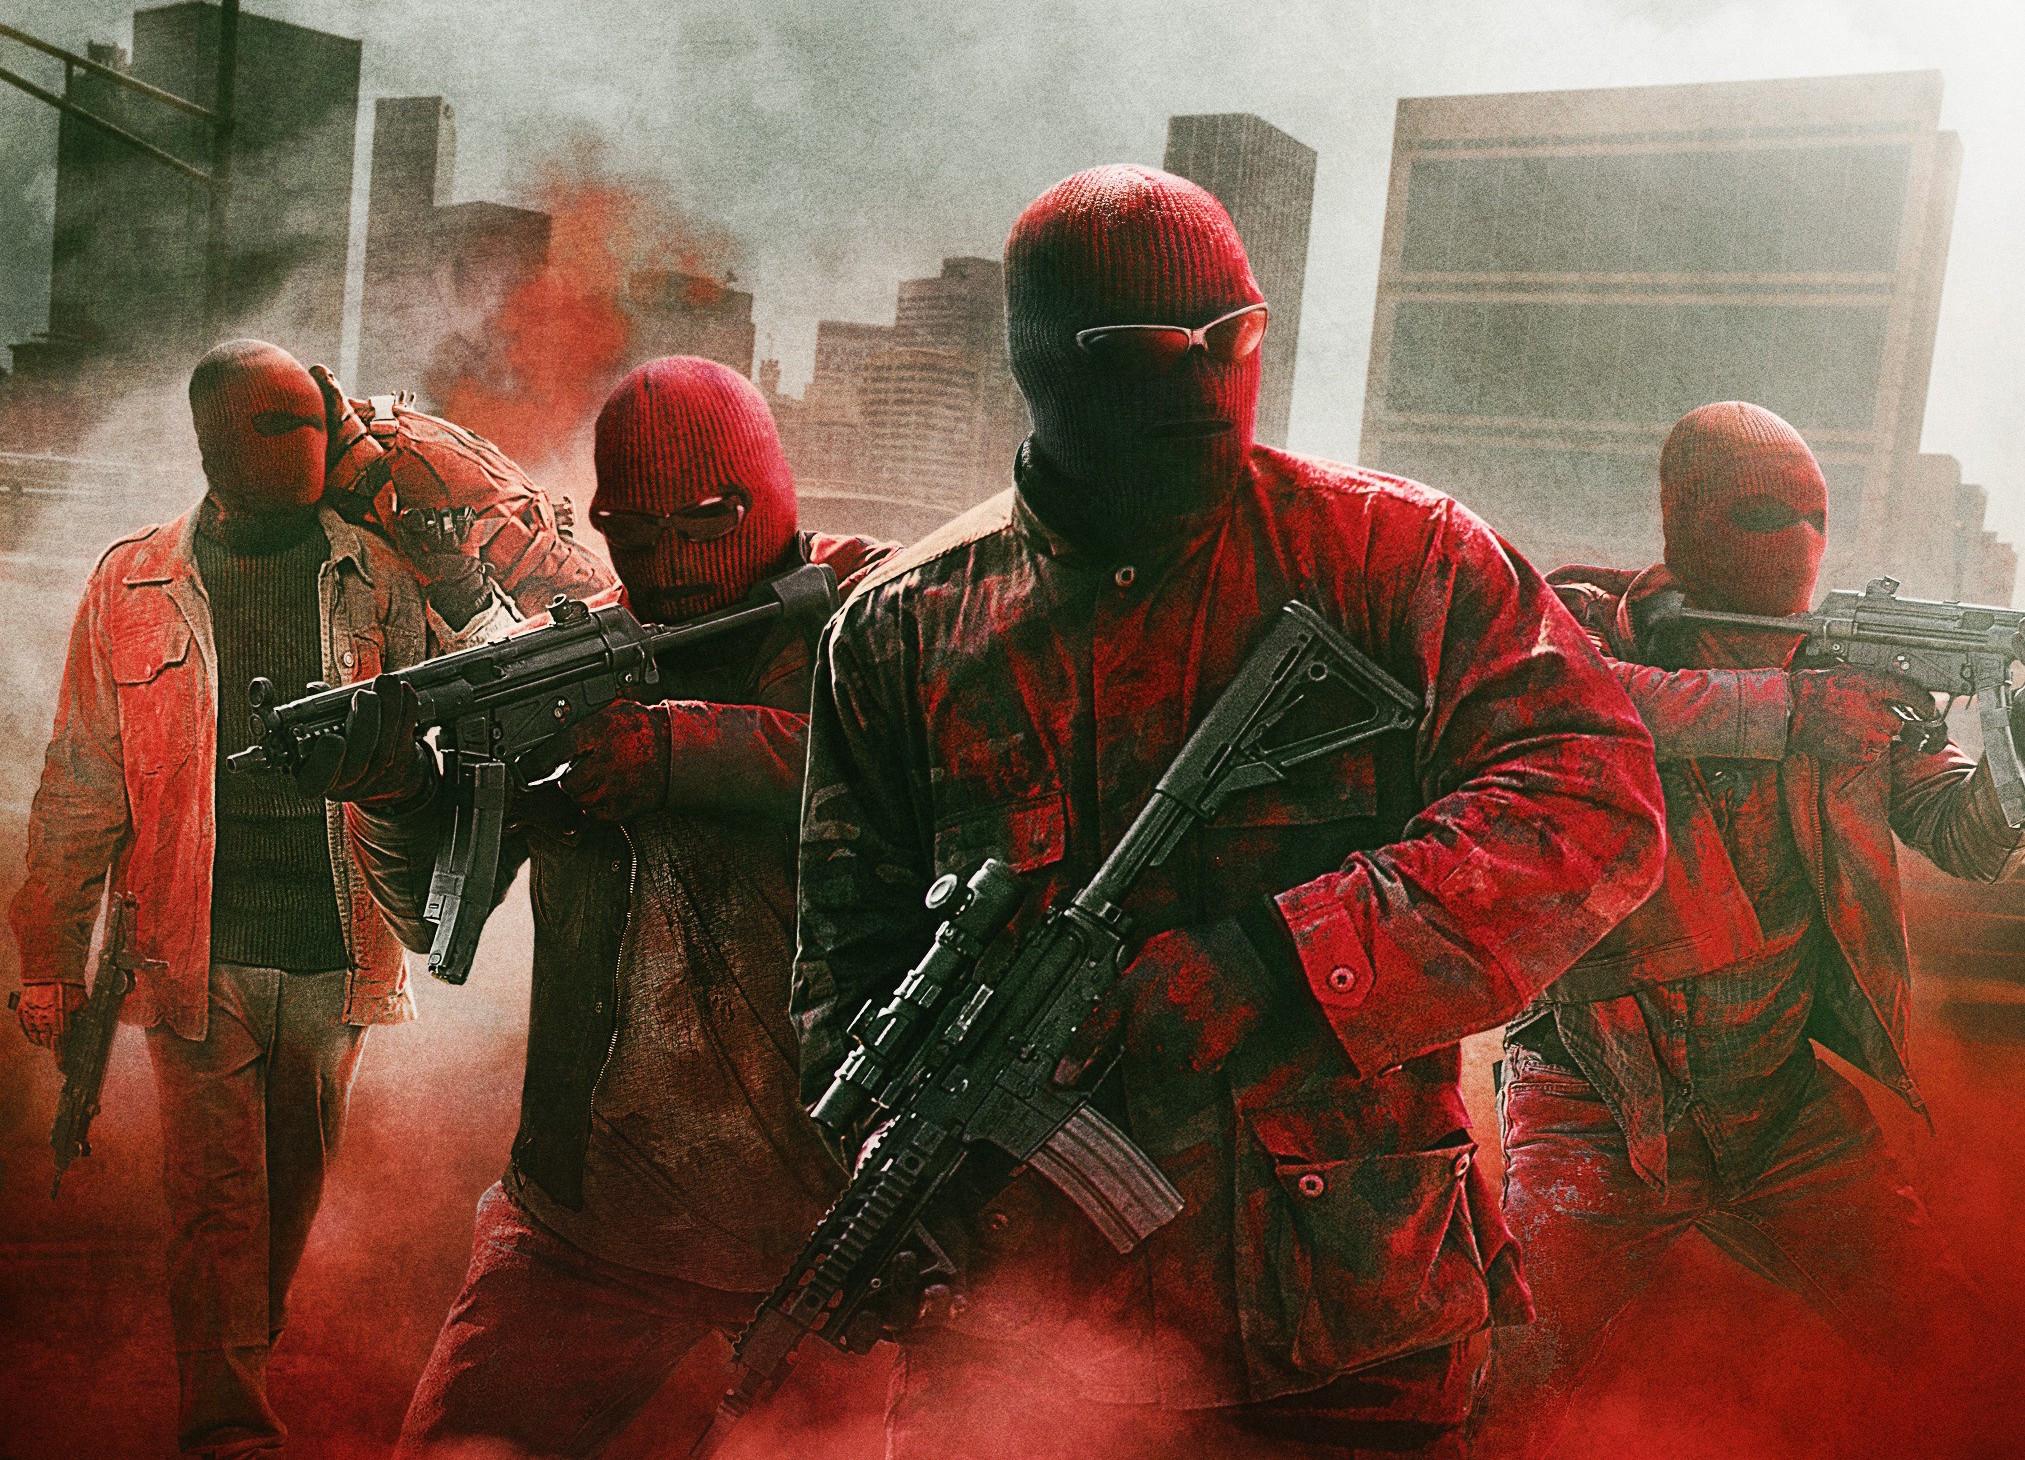 Codice 999: l'action thriller che non sbaglia un colpo